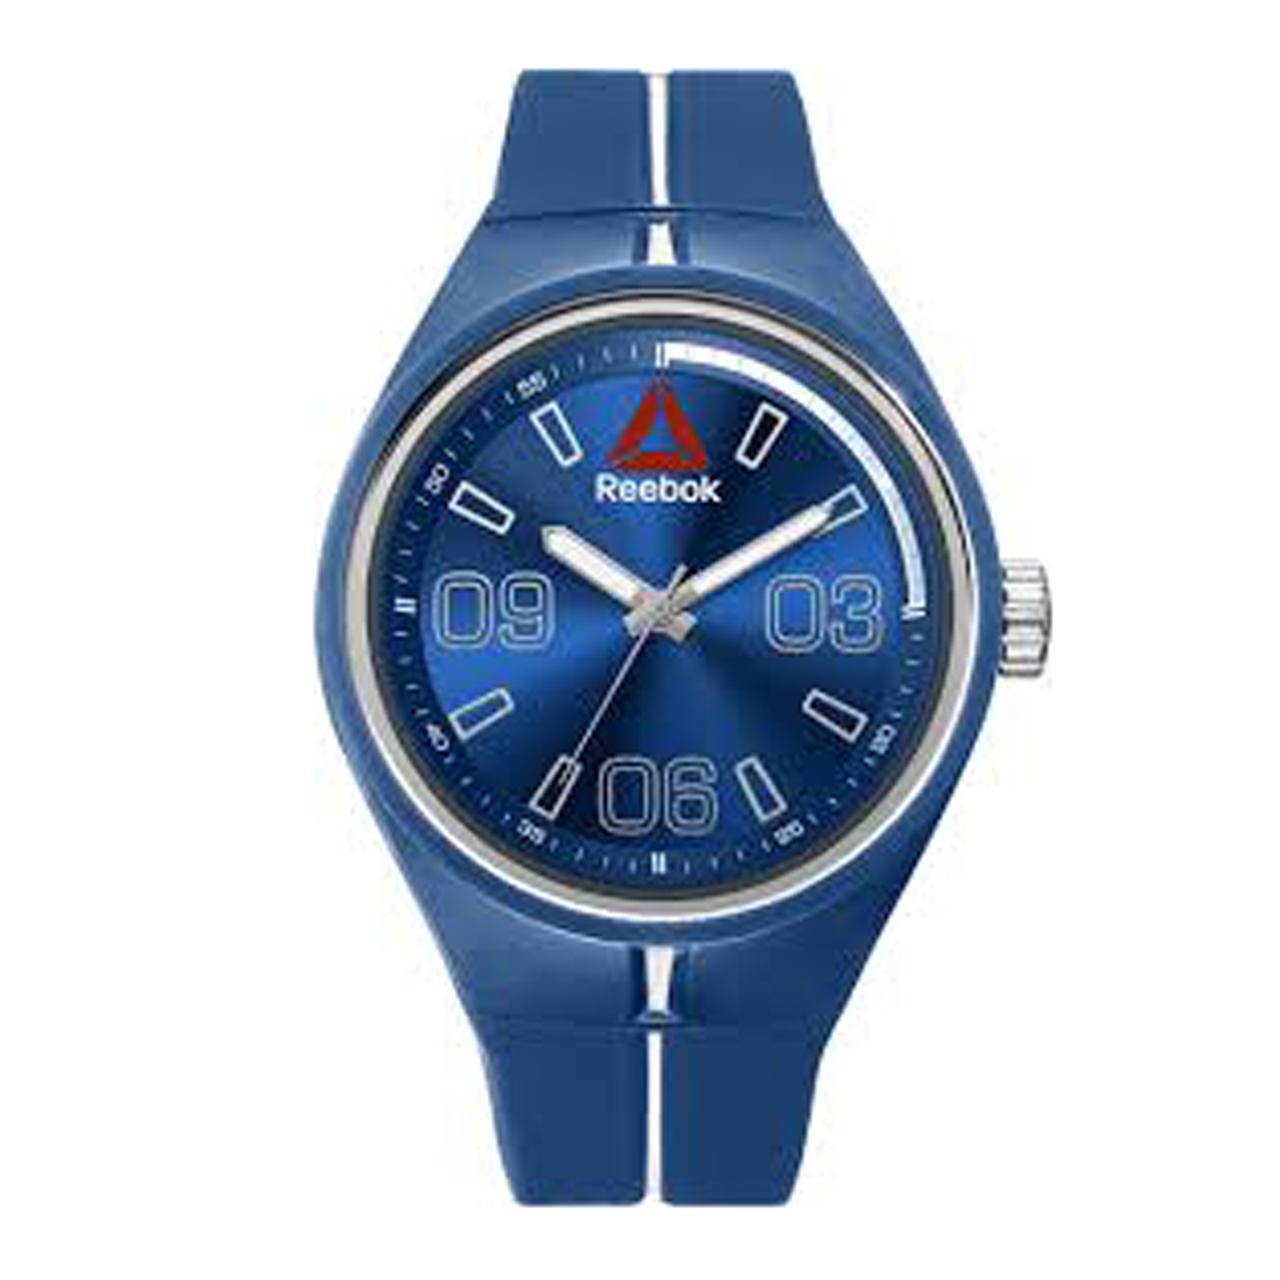 ساعت مچی عقربه ای مردانه ریباک مدل RD-TRA-G2-PNIN-N1